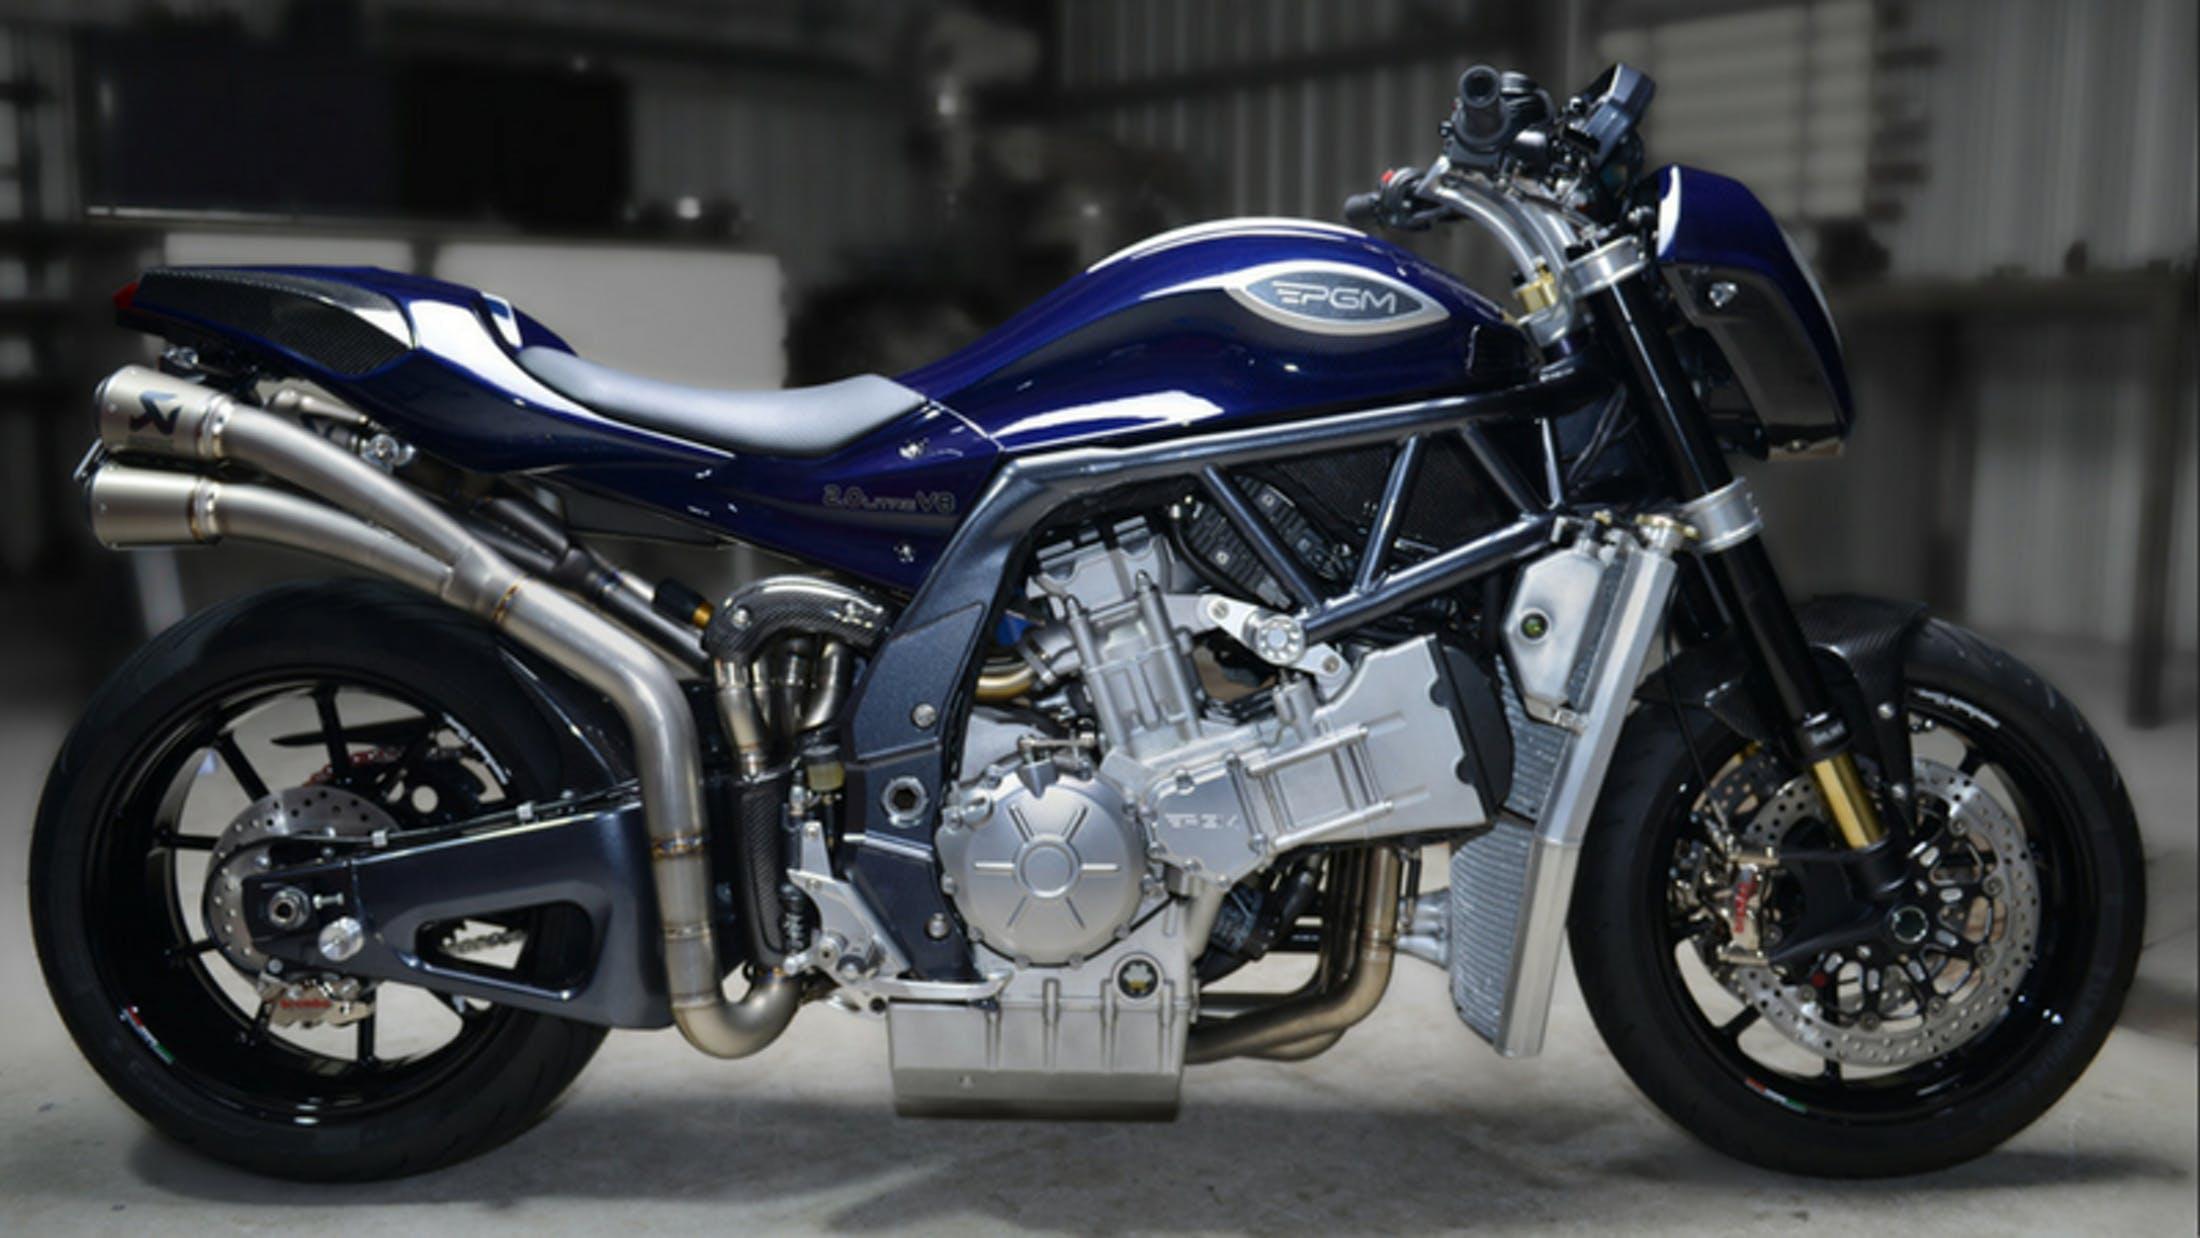 dwZZCHU4TUW3L48tqe7P5Q PGM F1 – A moto mais potente e louca do mundo